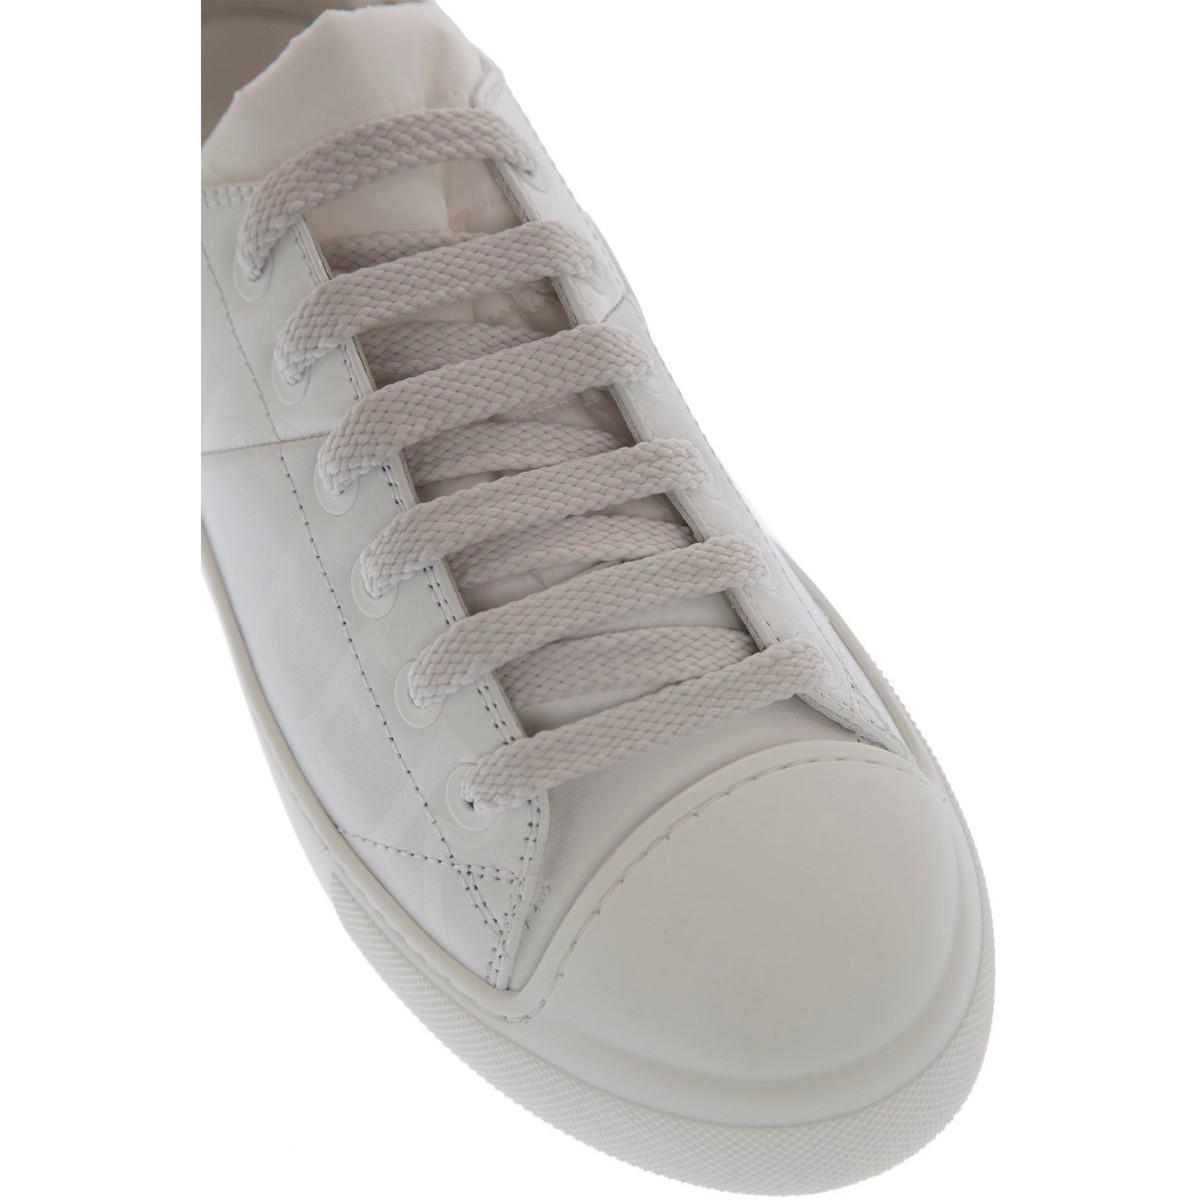 BASKETS FEMME Chaussures Moncler en coloris Blanc LQAf